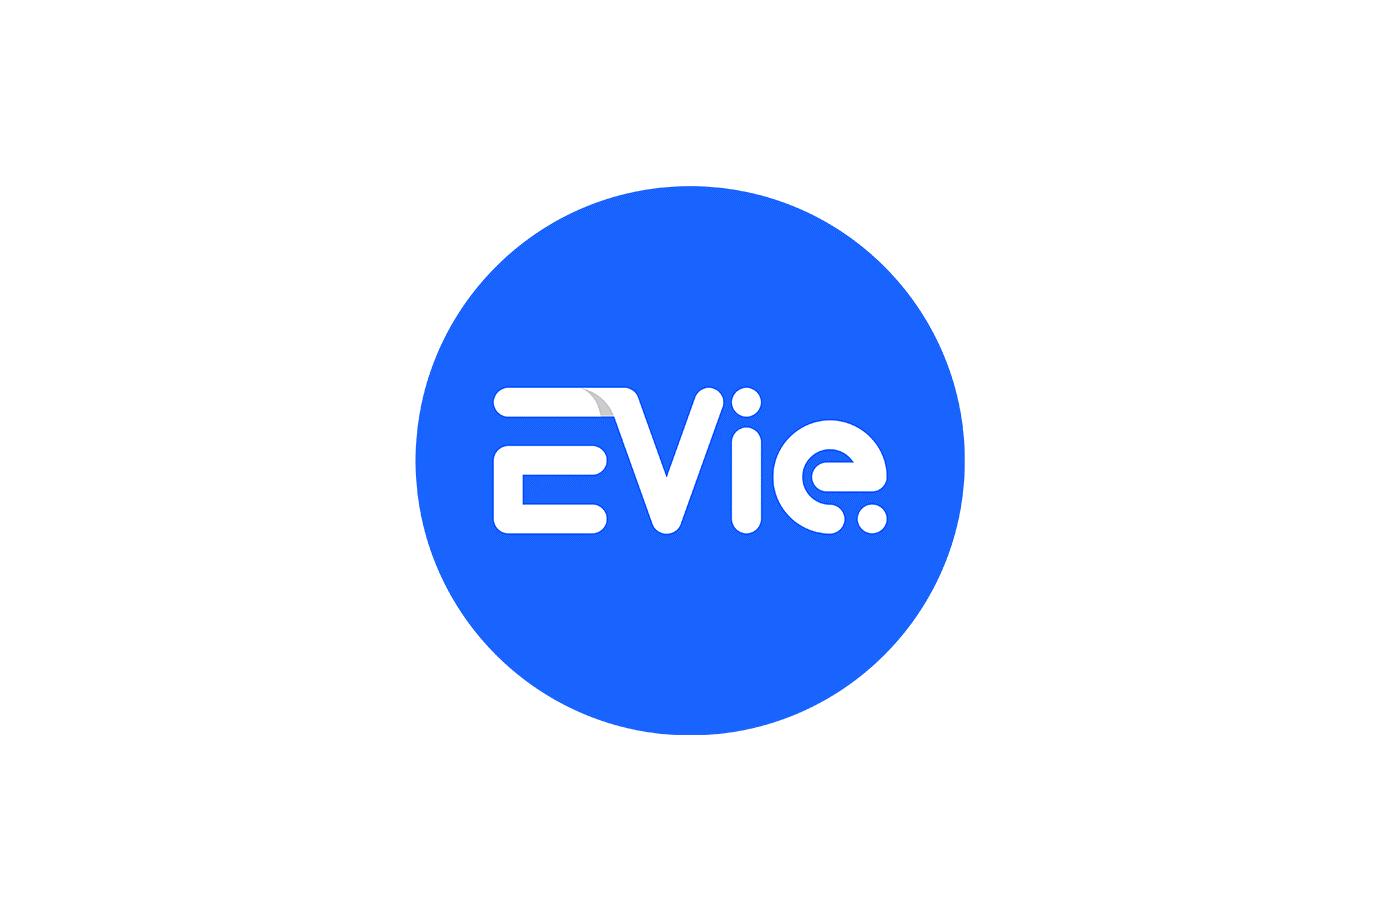 JEV Company Ltd T/A EVie logo